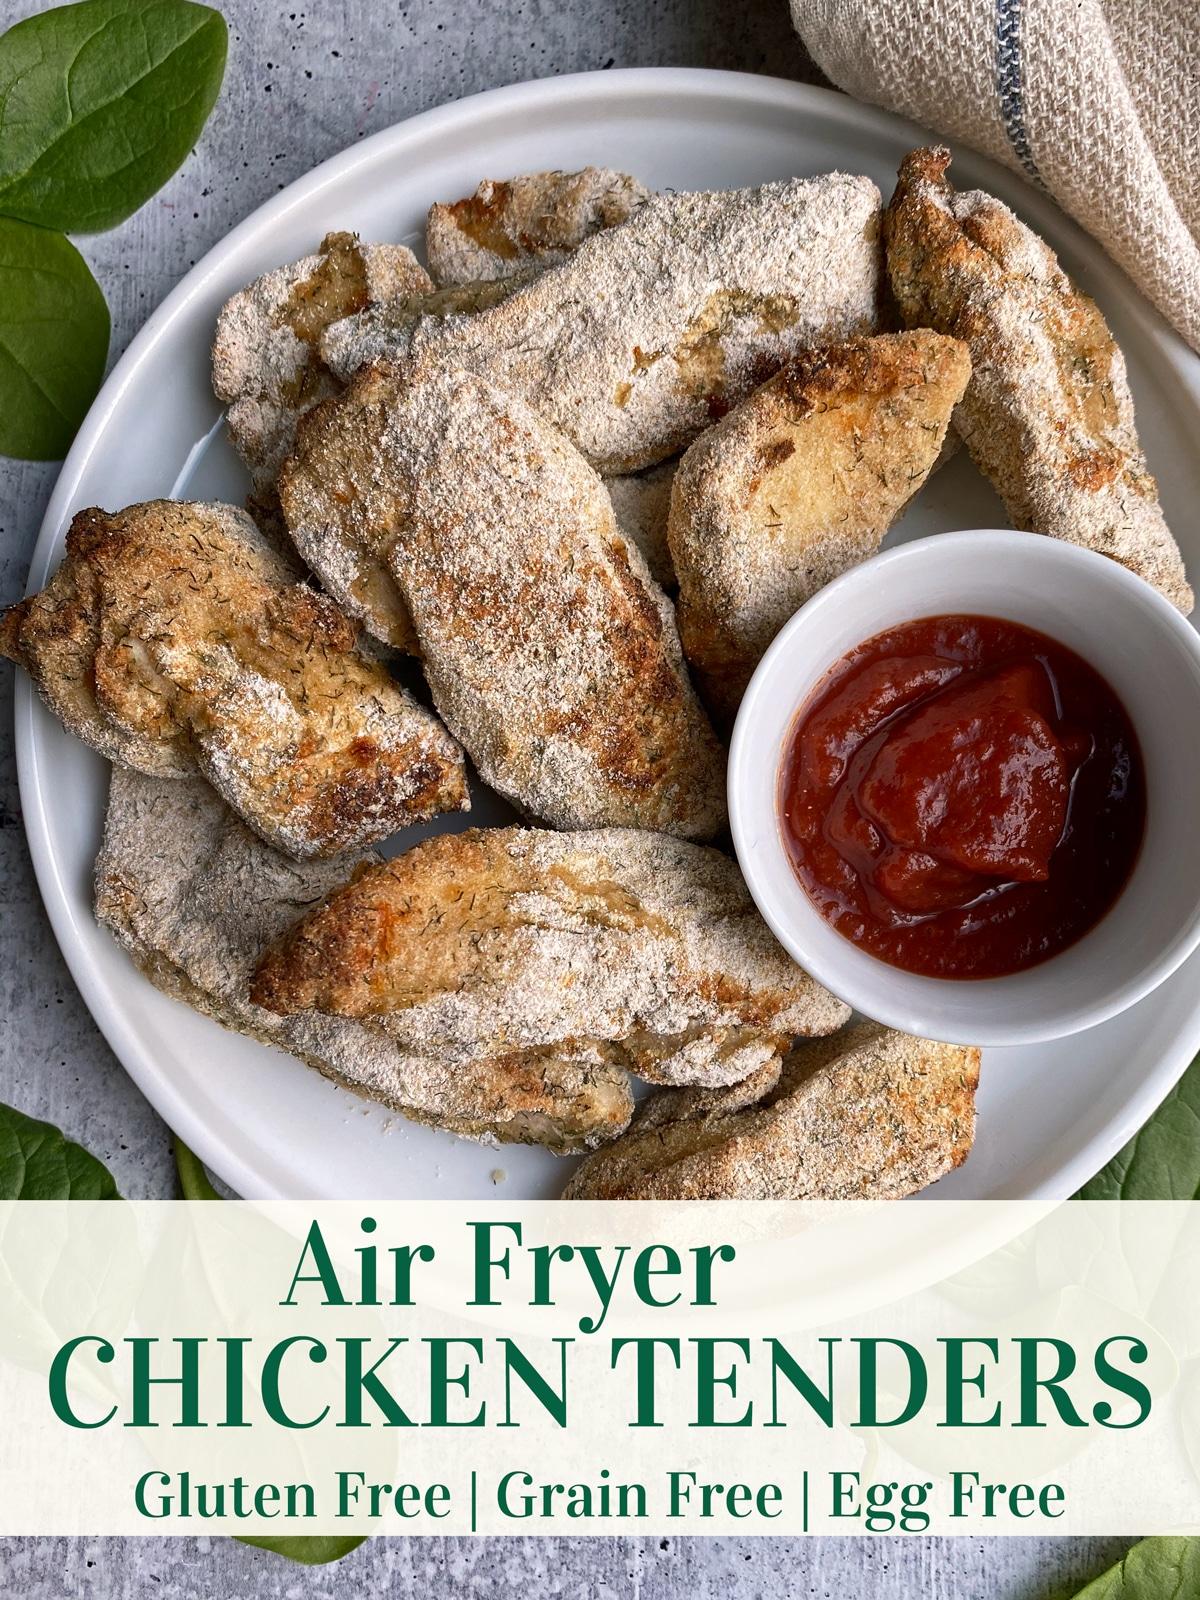 Air-Fryer-Chicken-Tenders-Pinterest-Image